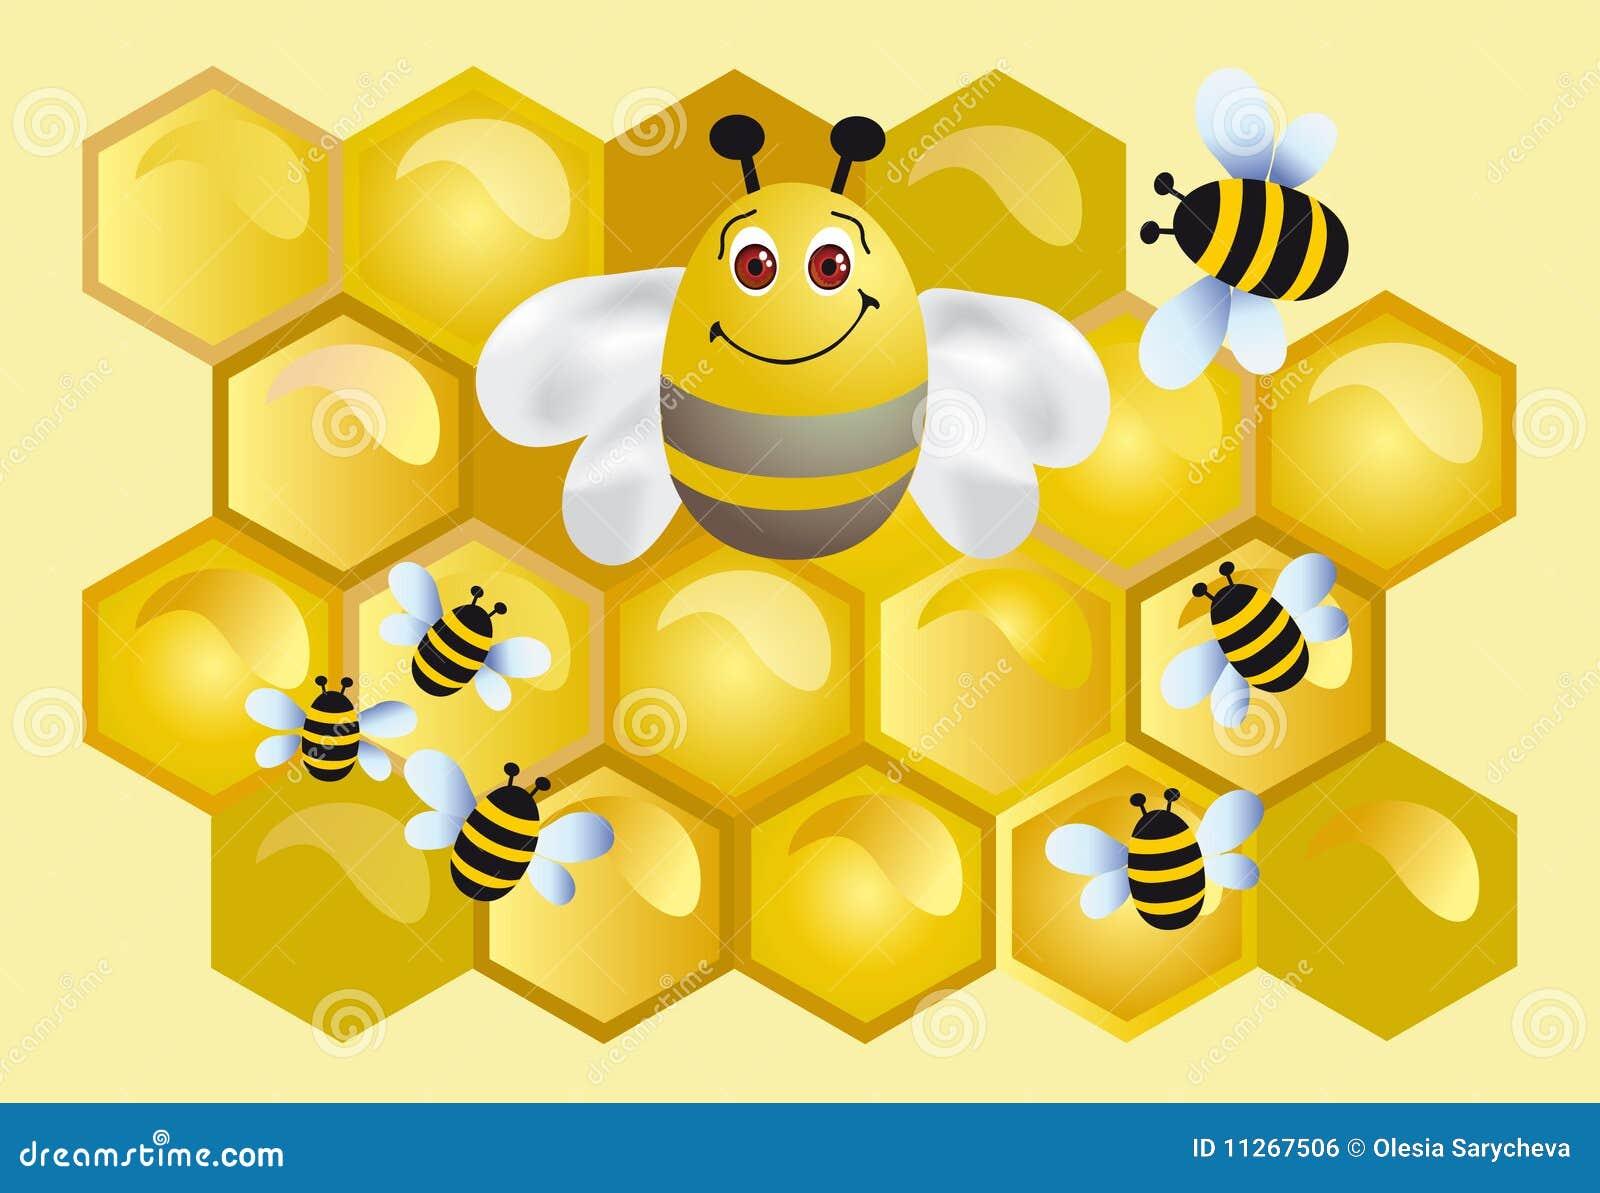 Поздравления пчеловоду 92